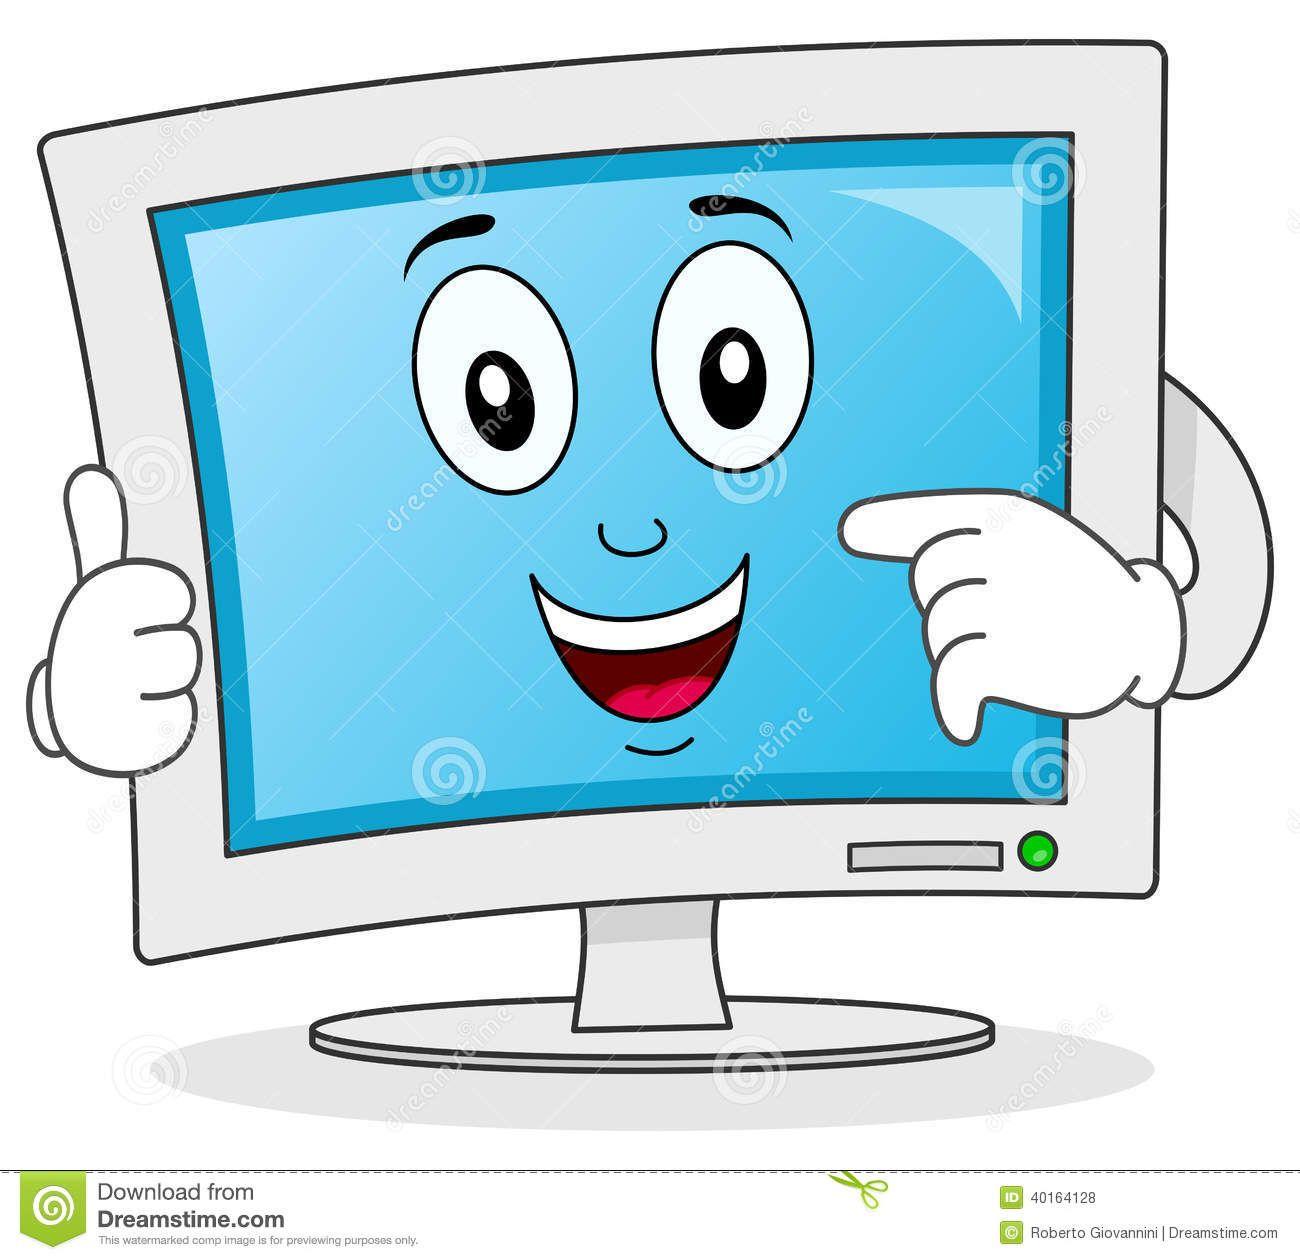 Resultado De Imagen Para Imagenes De Monitores Animadas Imagenes De Monitores Libros De Informatica Computadora Para Ninos